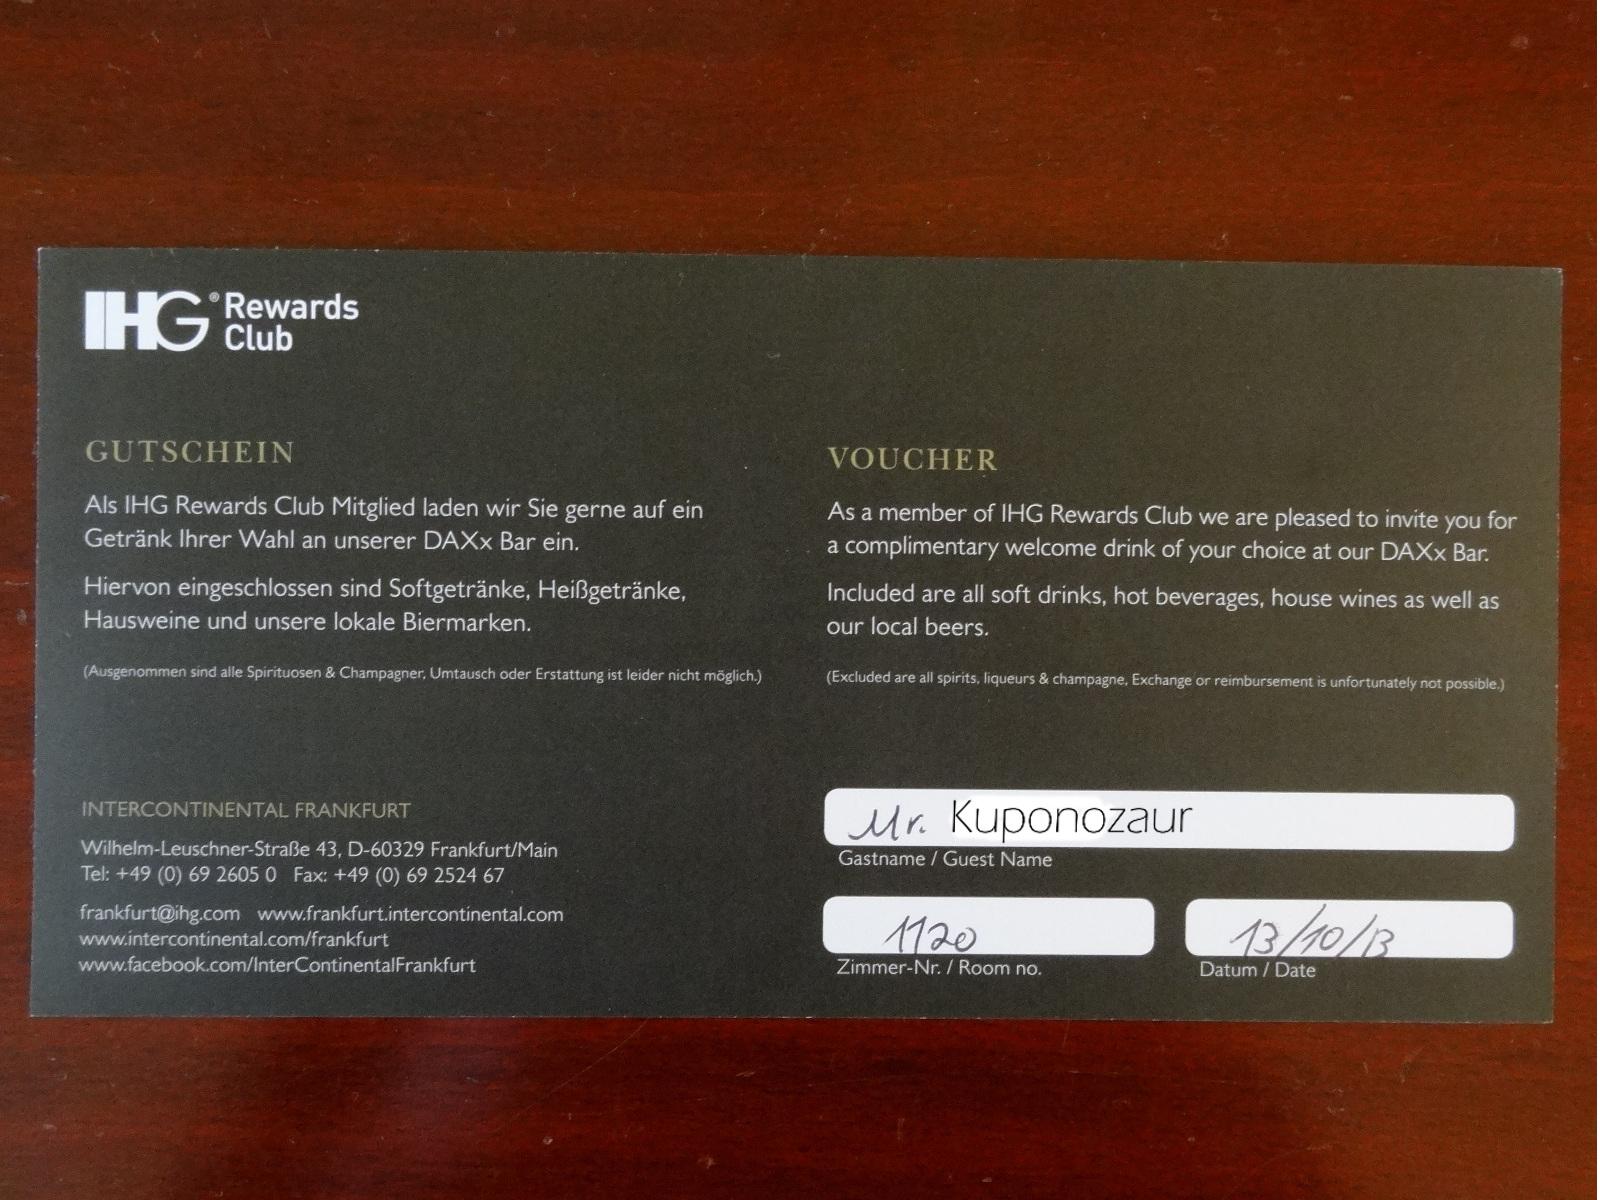 Hotel InterContinental Frankfurt voucher na darmowy drink powitalny